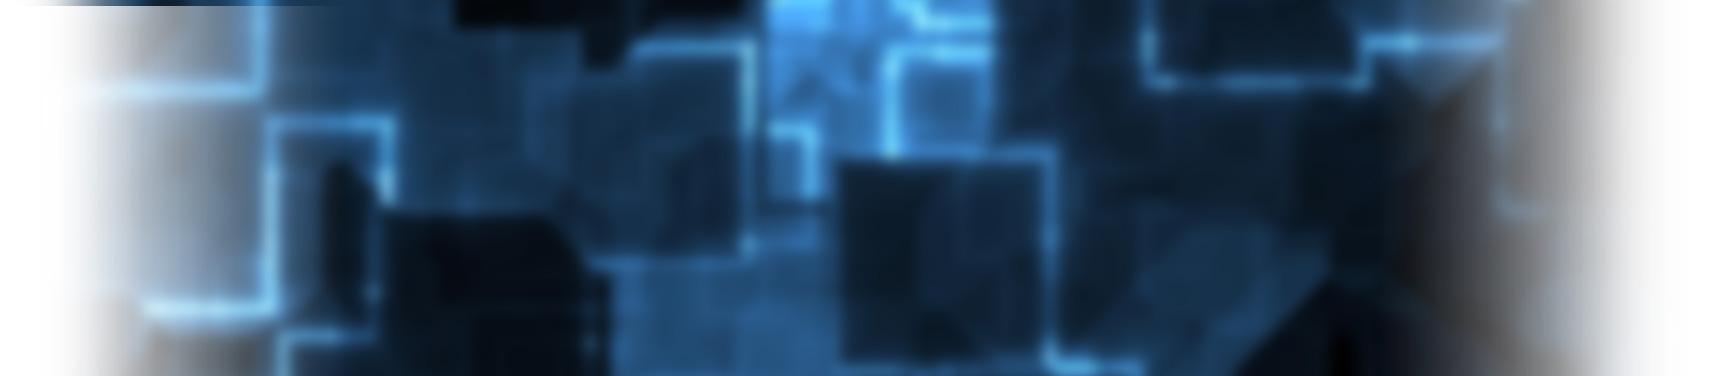 Conception systèmes automatisés 71